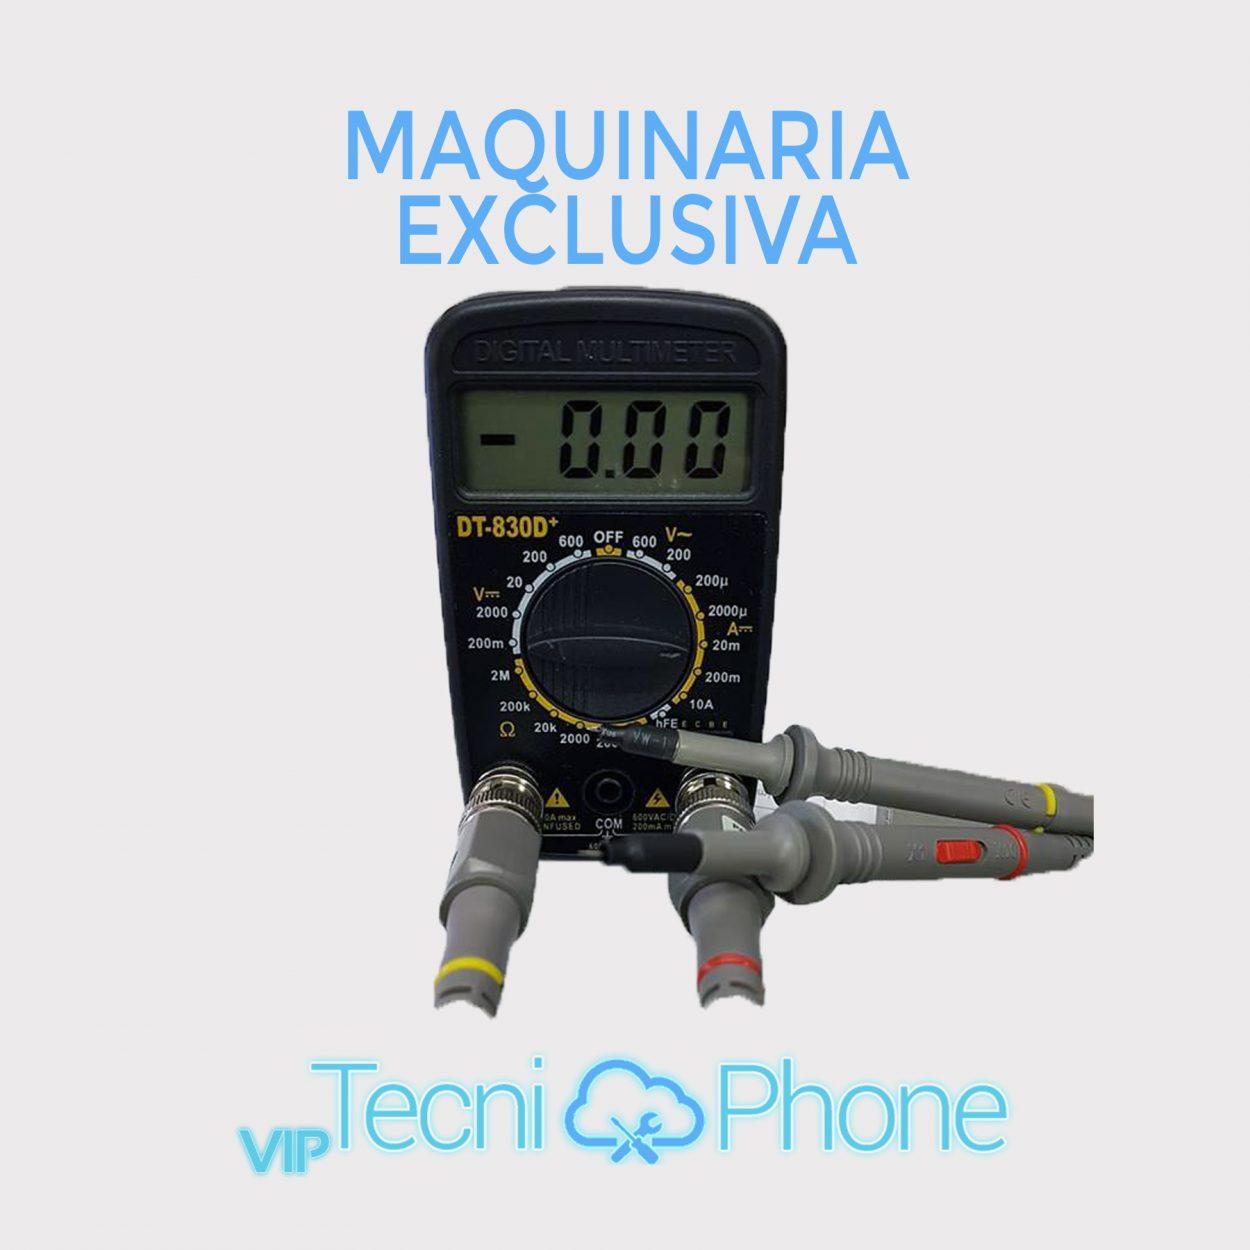 MAQUINARIA EXCLUSIVA